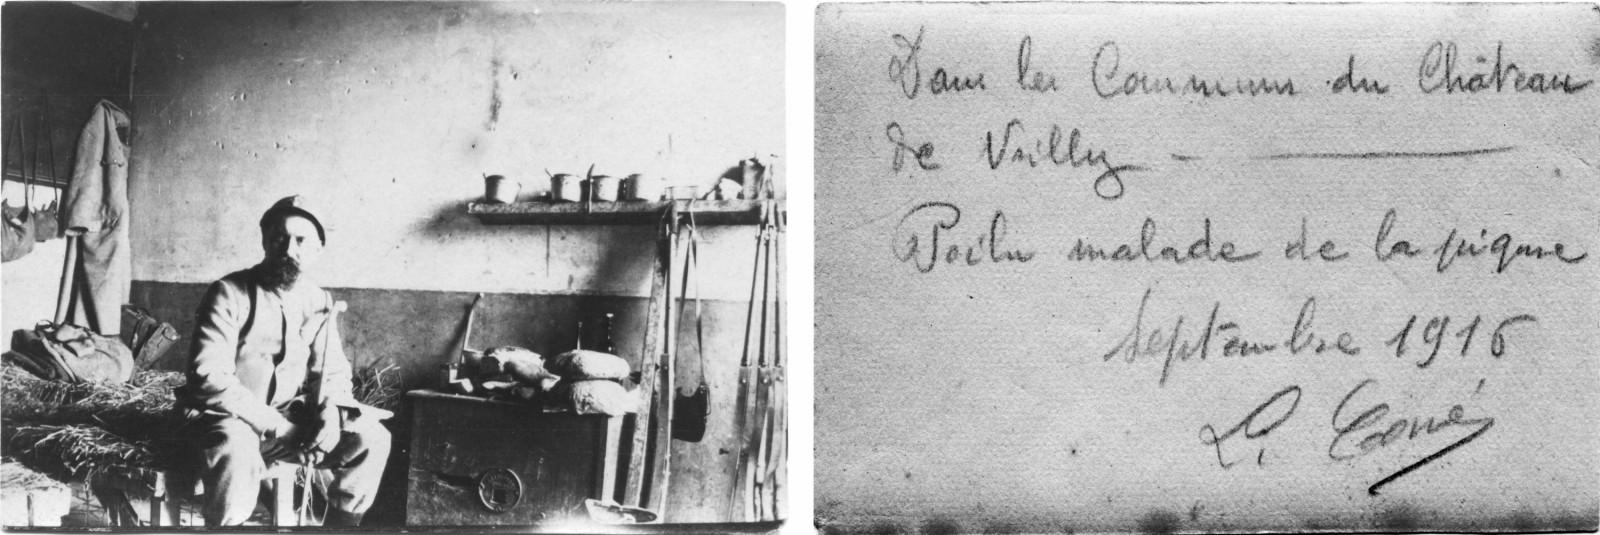 photo : Louis Corré, collection Gérard Corré